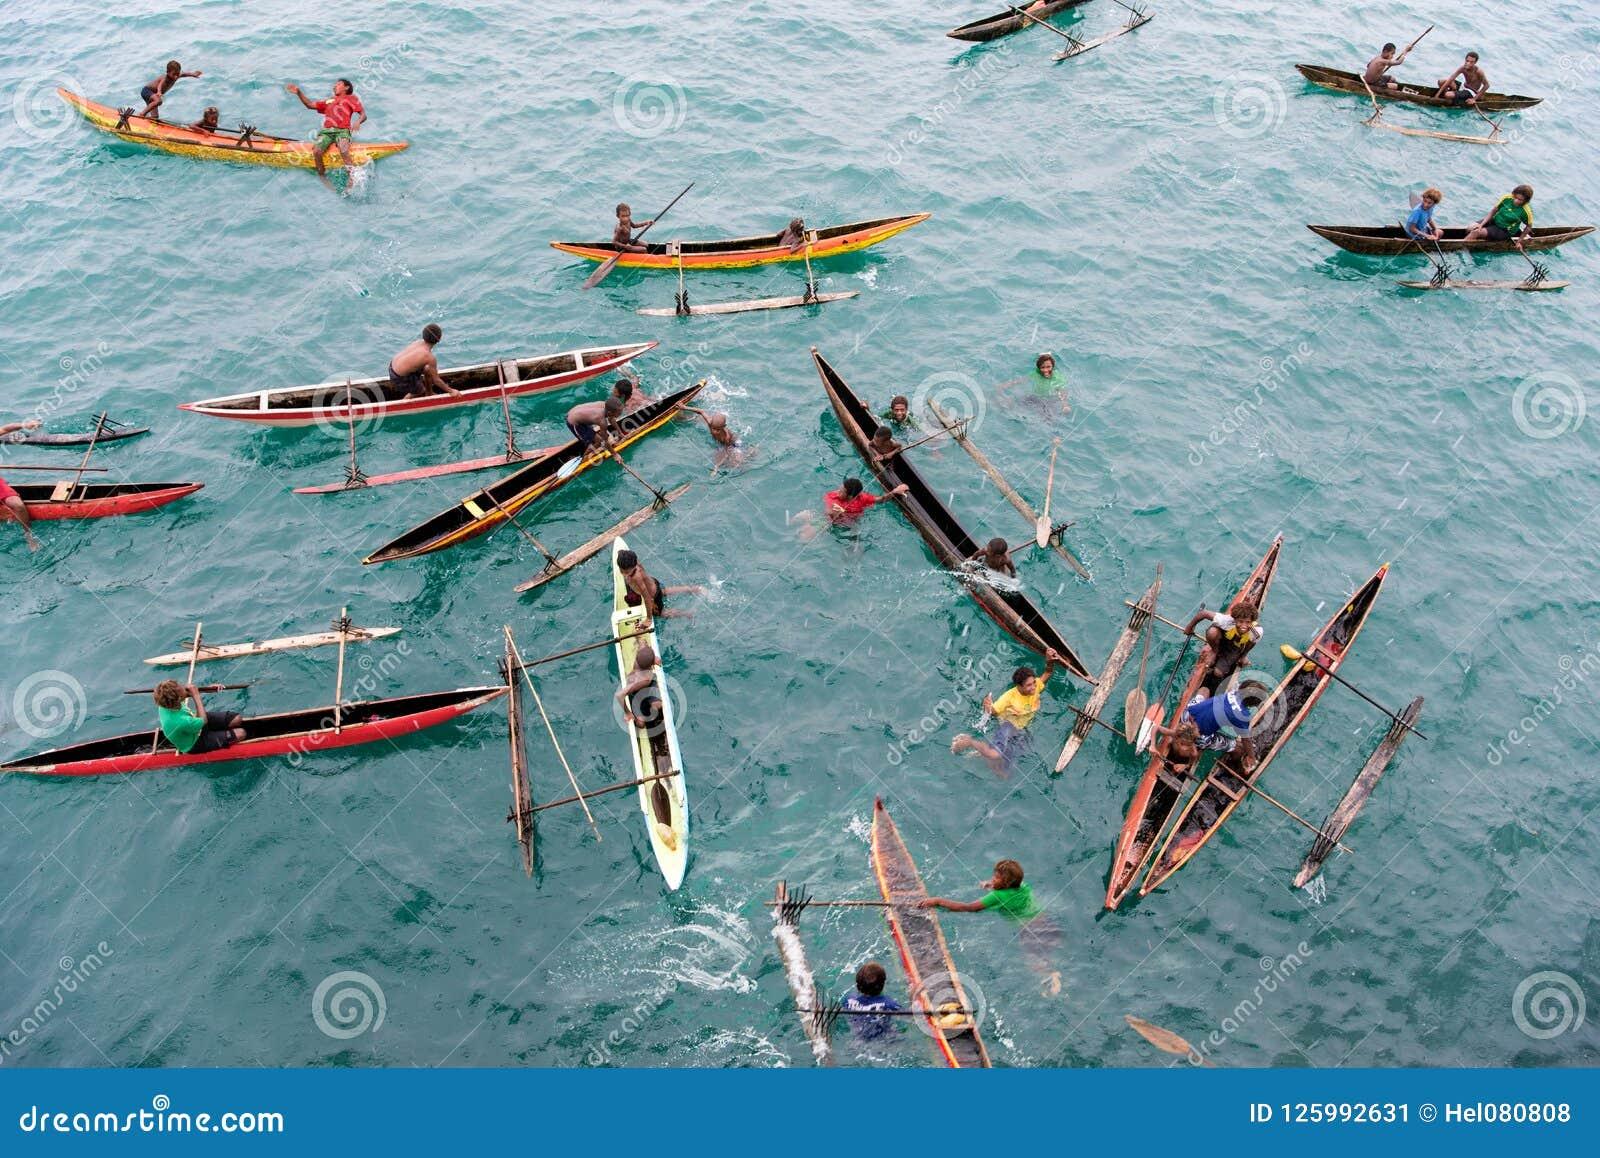 People enjoying rain in canoes on Pacific Ocean